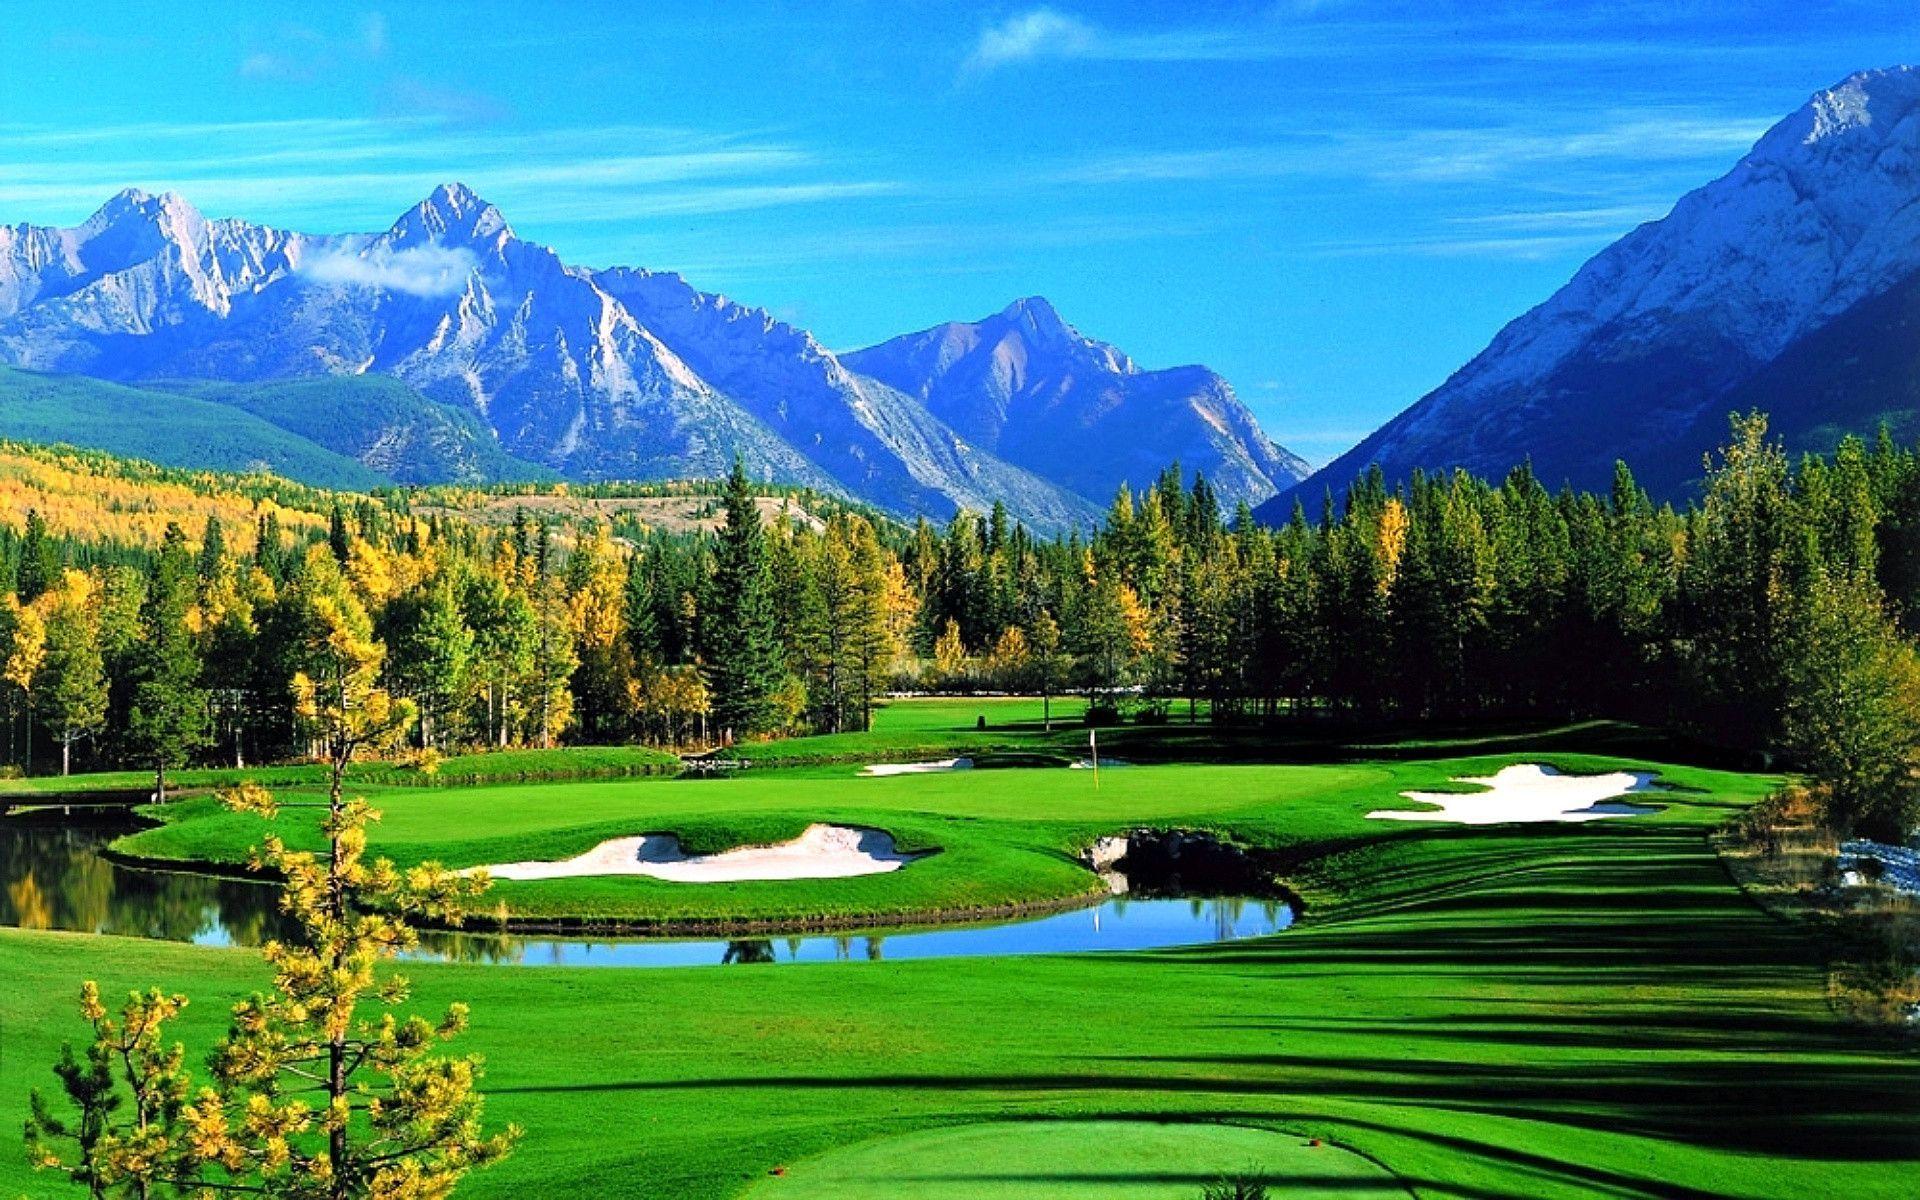 Golf Desktop Wallpapers Wallpaper Cave Golf course